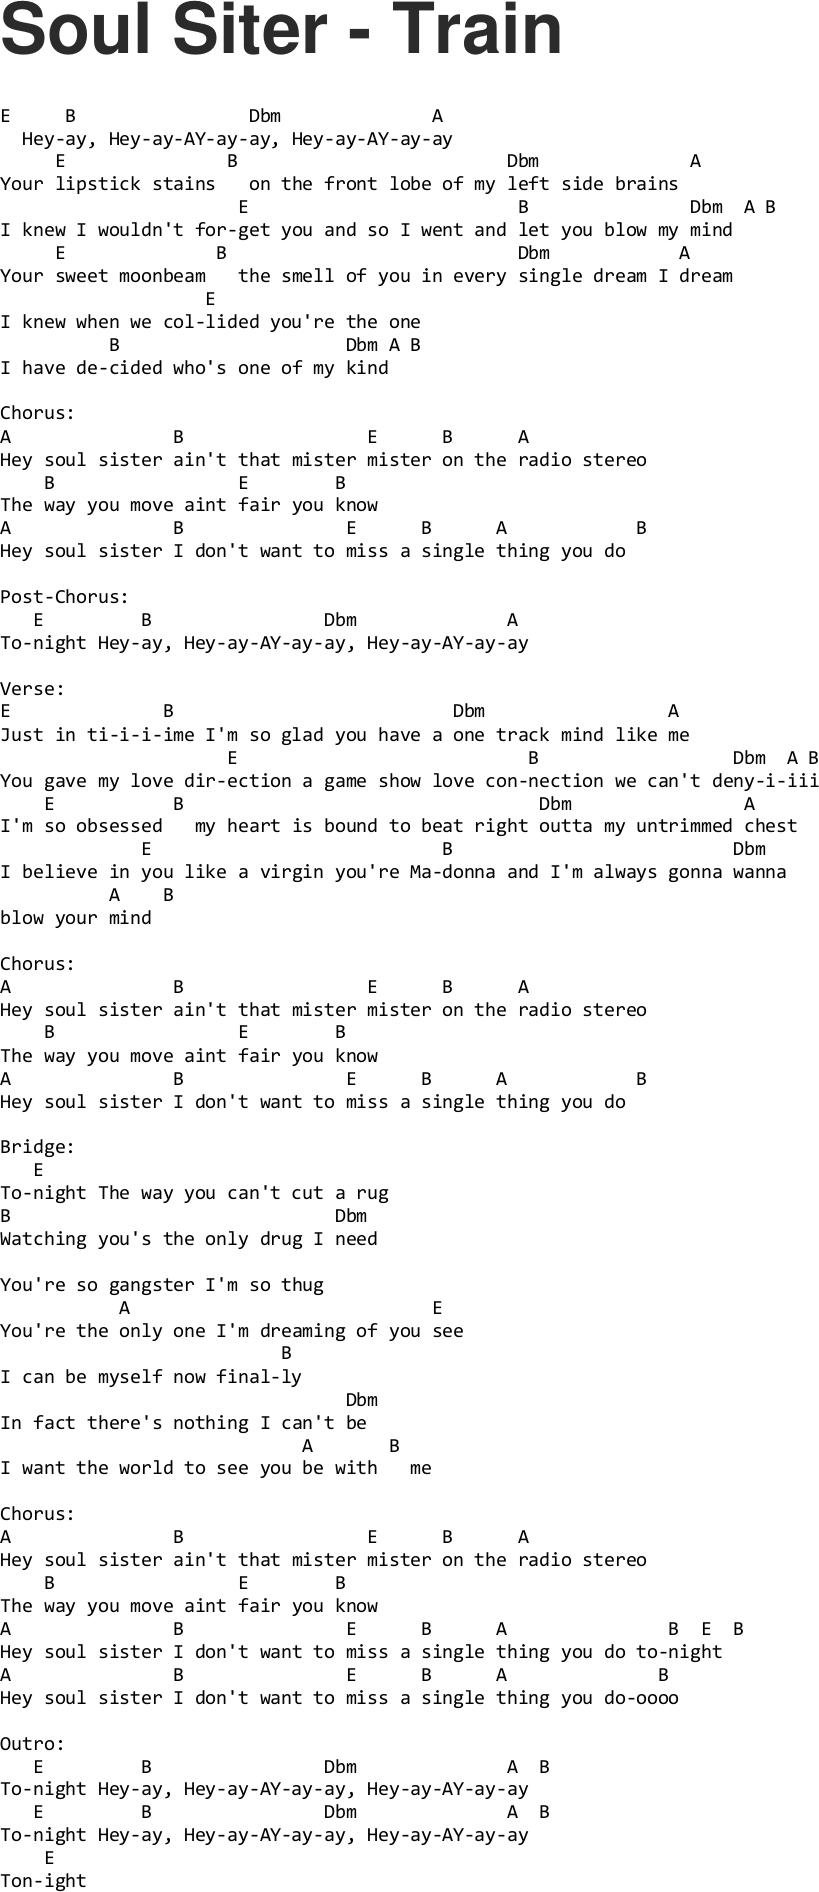 Adele - someone like you - ukulele cover - YouTube